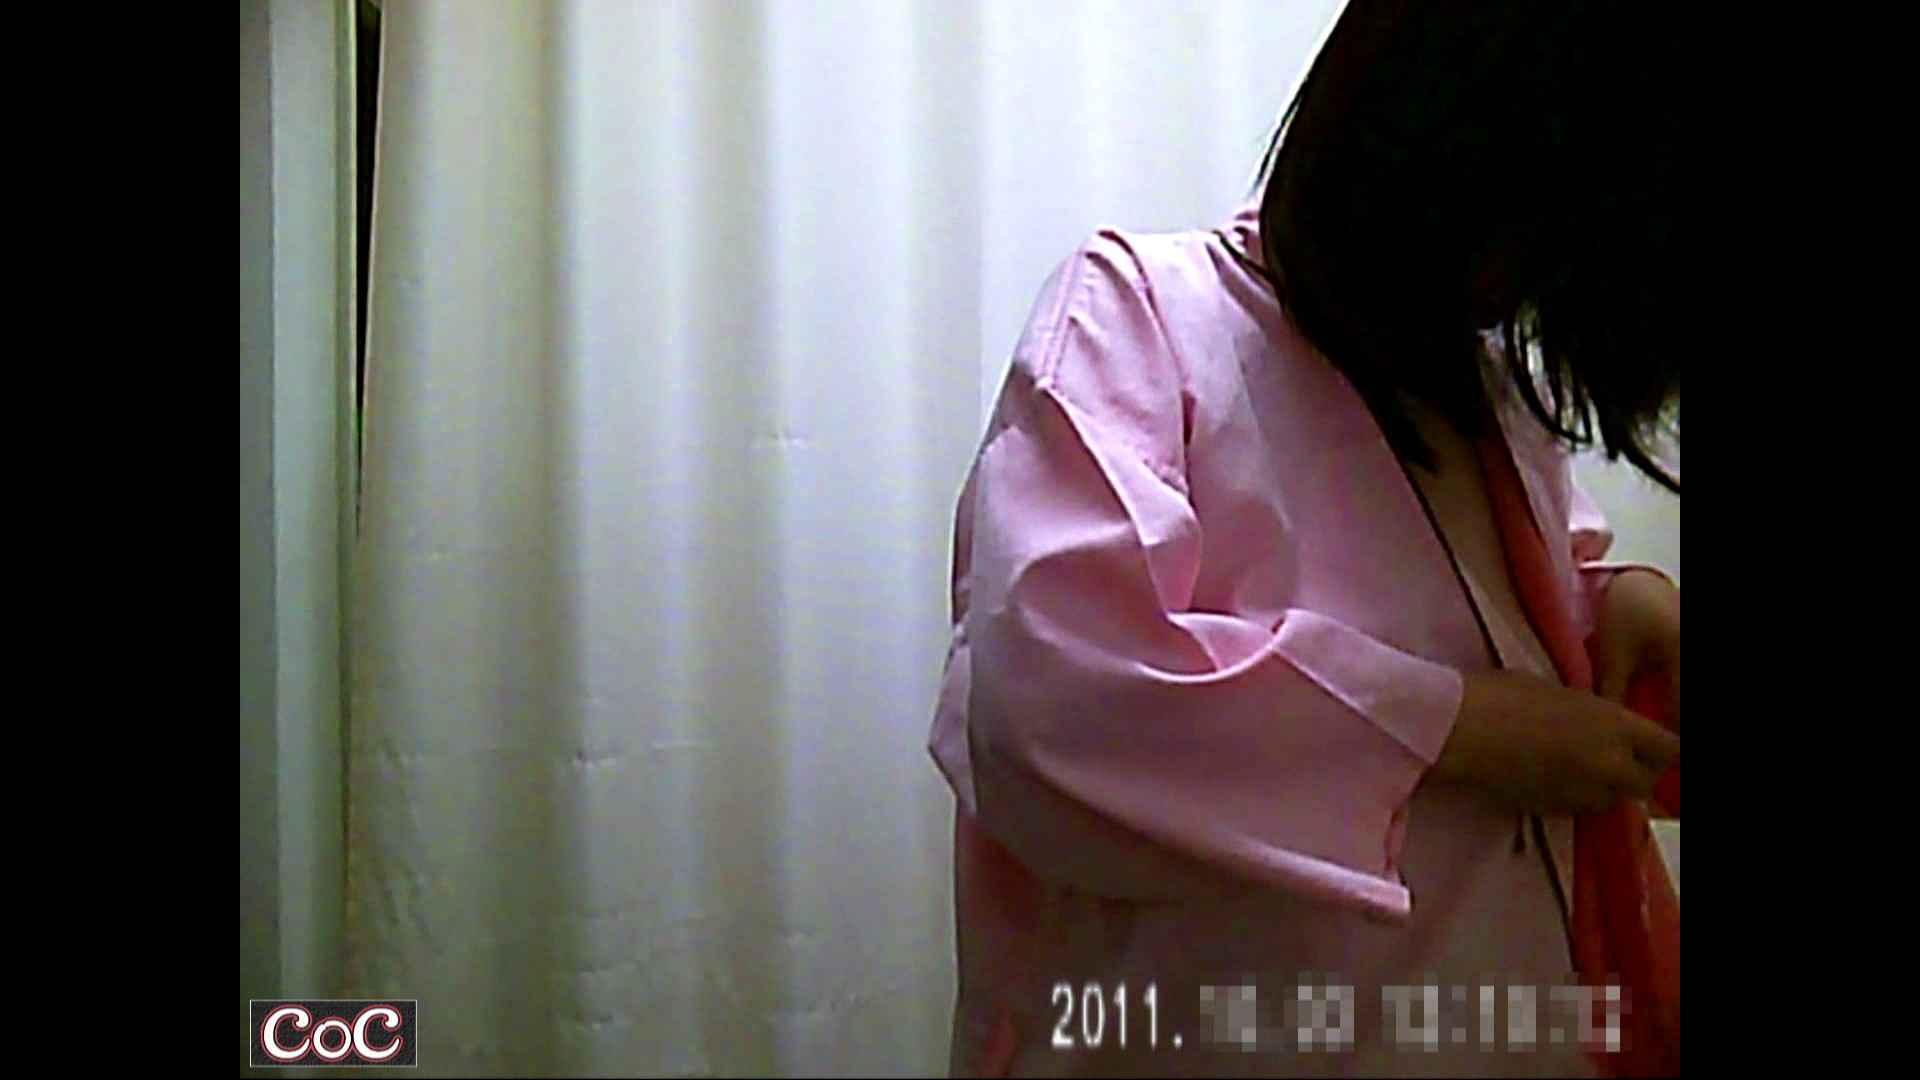 元医者による反抗 更衣室地獄絵巻 vol.248 OLハメ撮り  67Pix 6